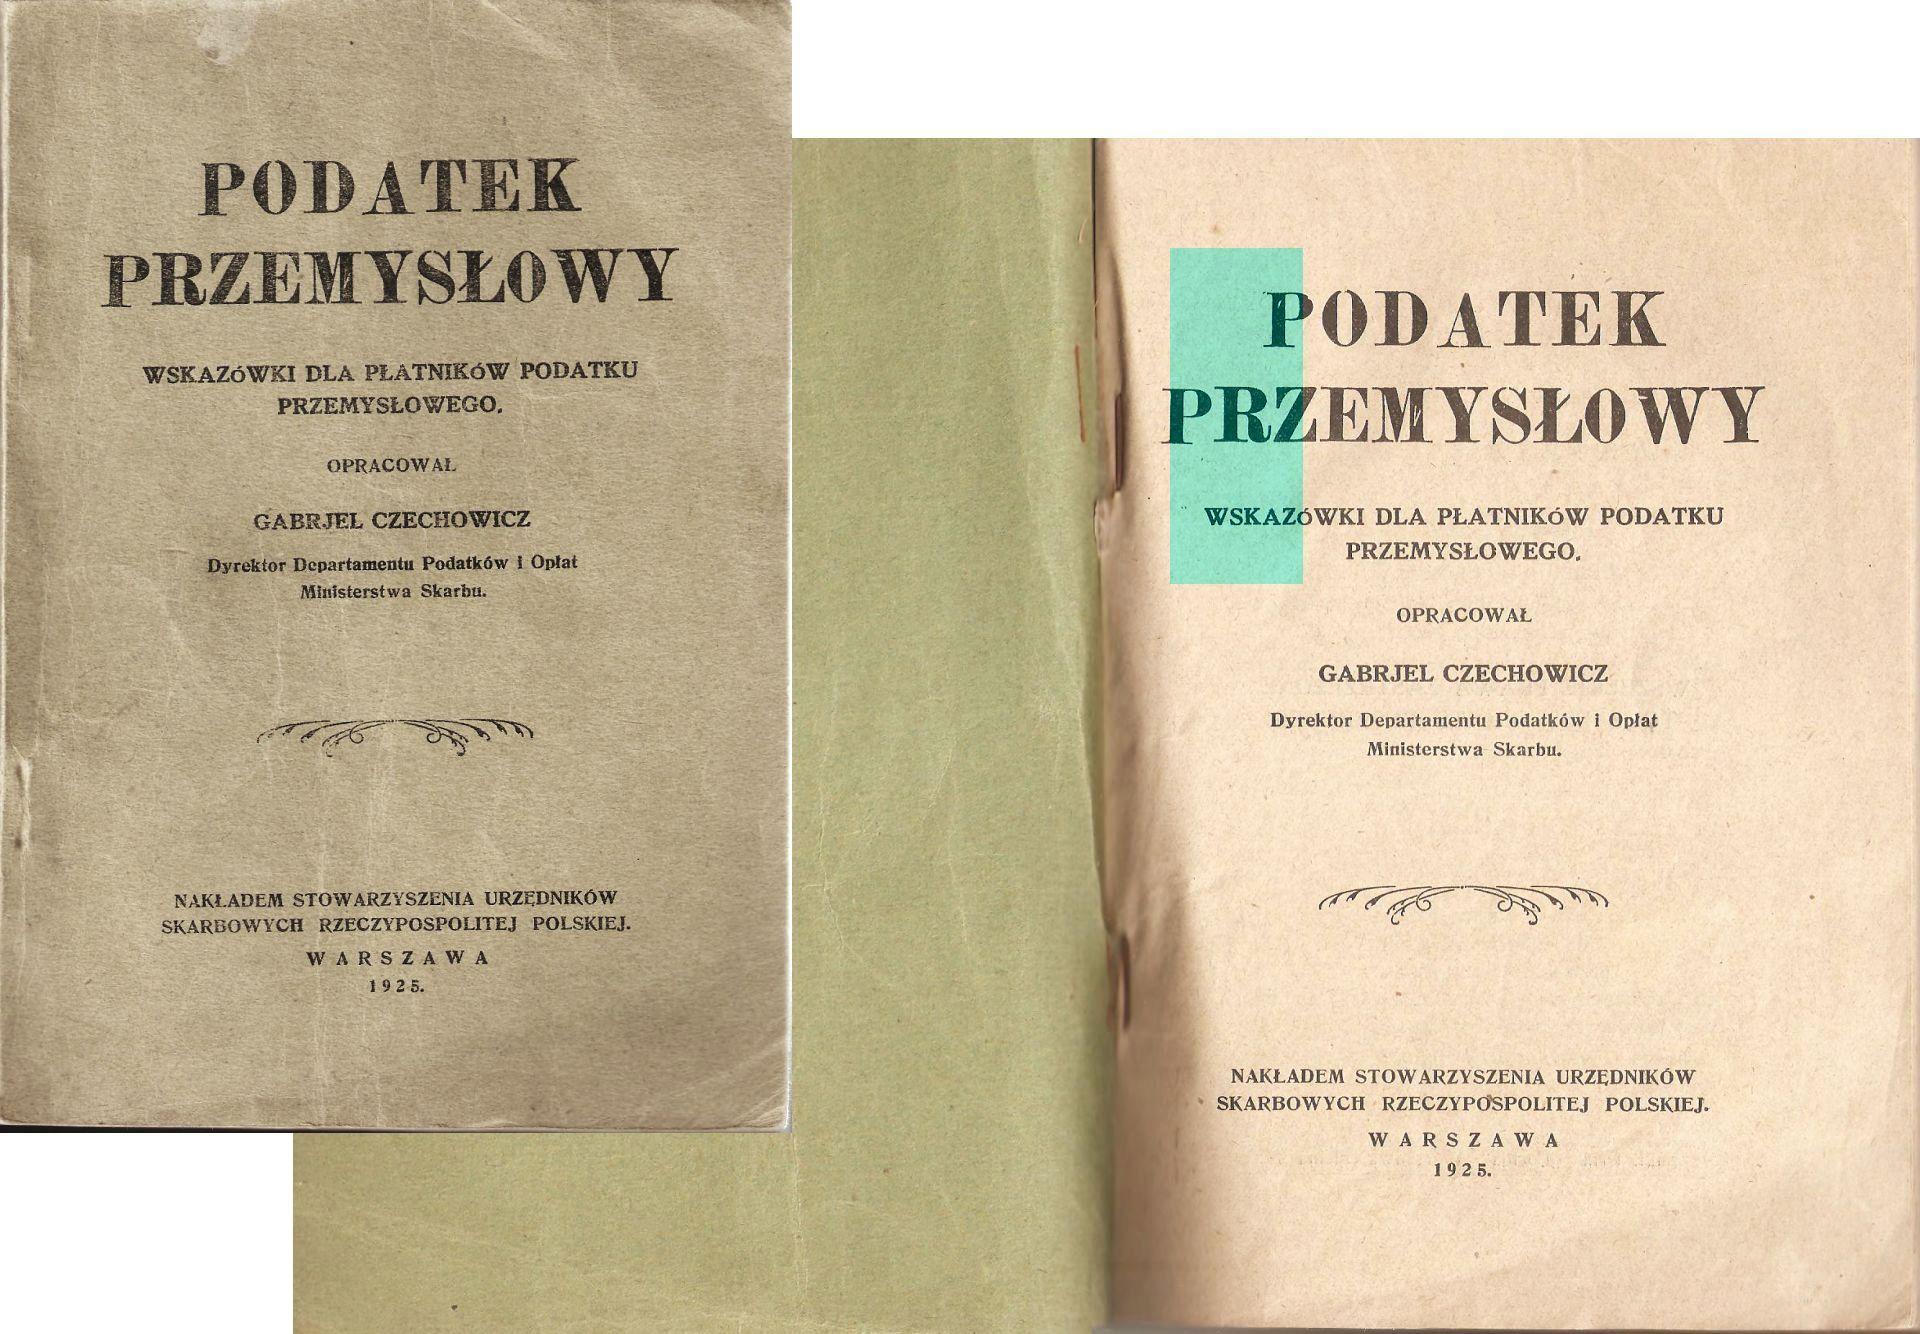 PODATEK 1925 Czechowicz Ministerstwo Skarbu